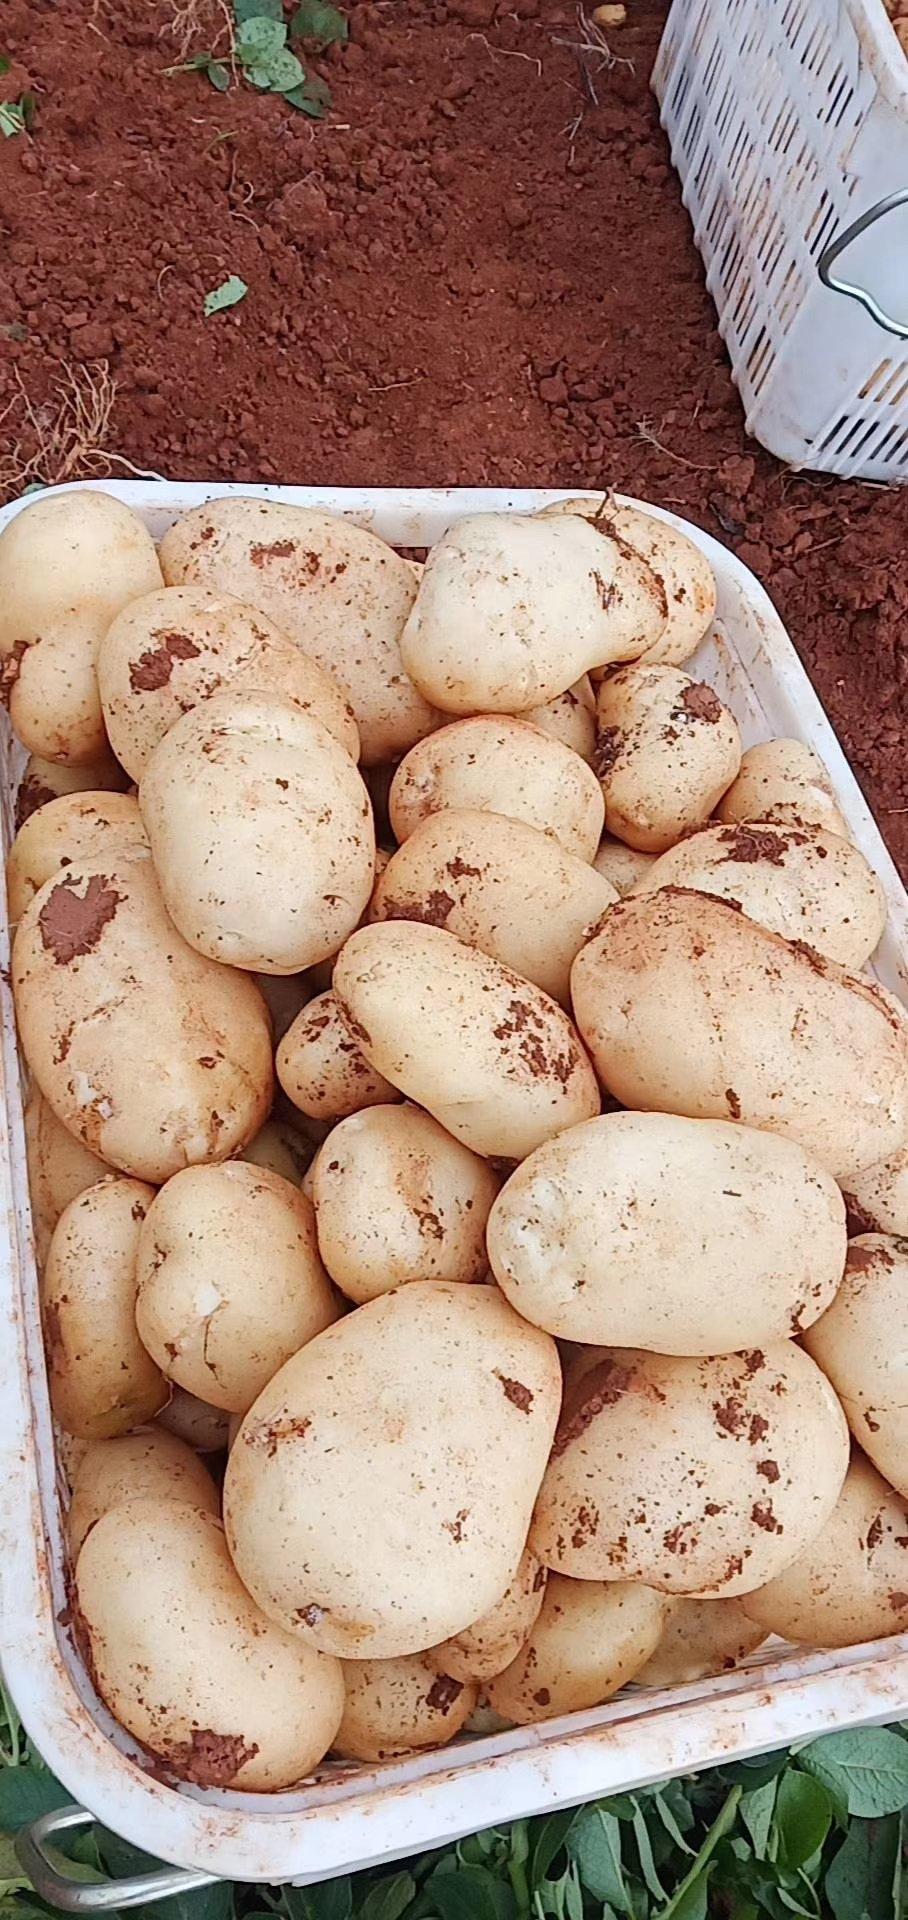 【优选商家】云南精品土豆 丽薯六号 一手货源 对接全国